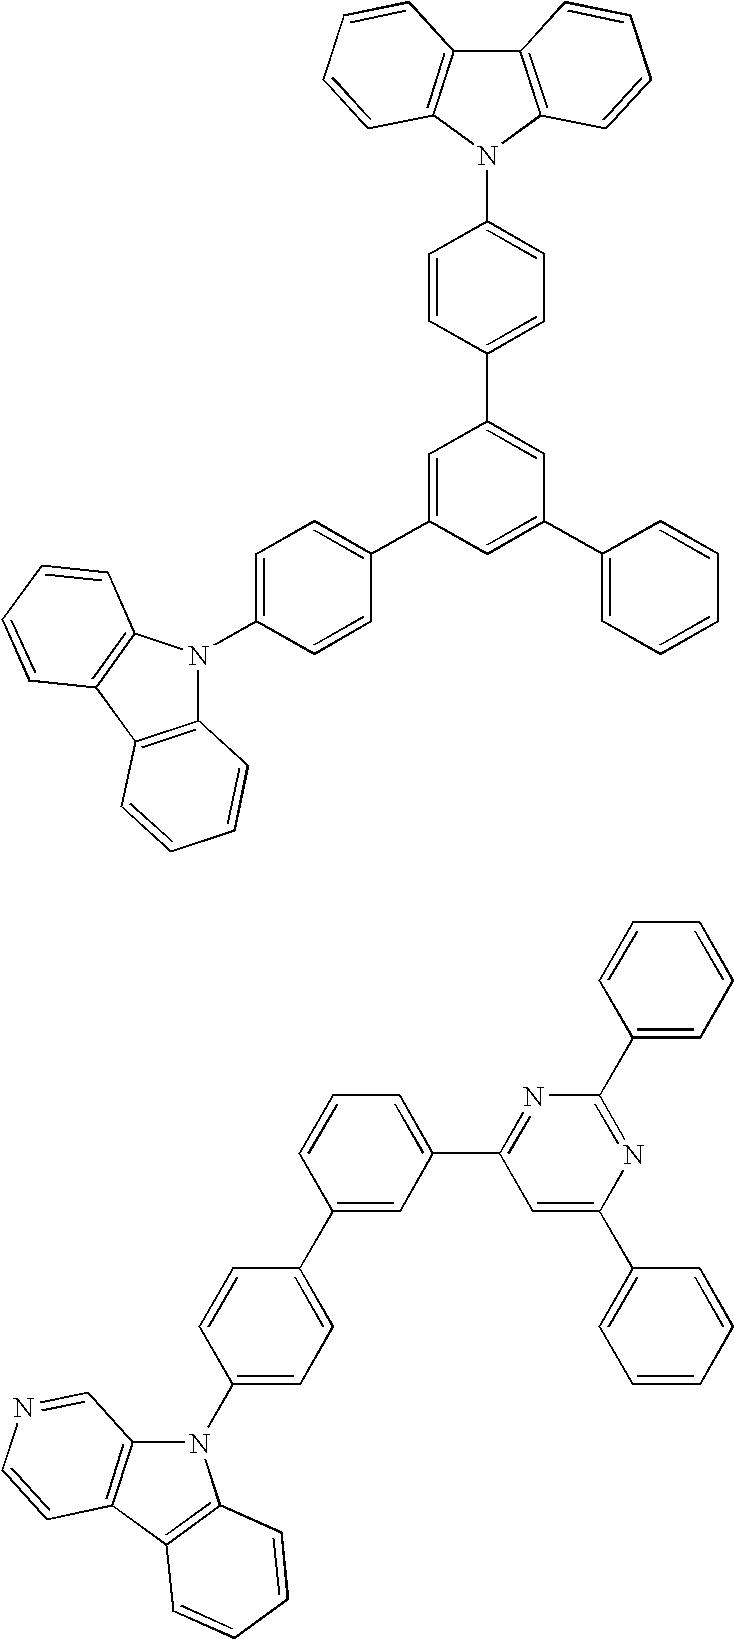 Figure US07608993-20091027-C00018